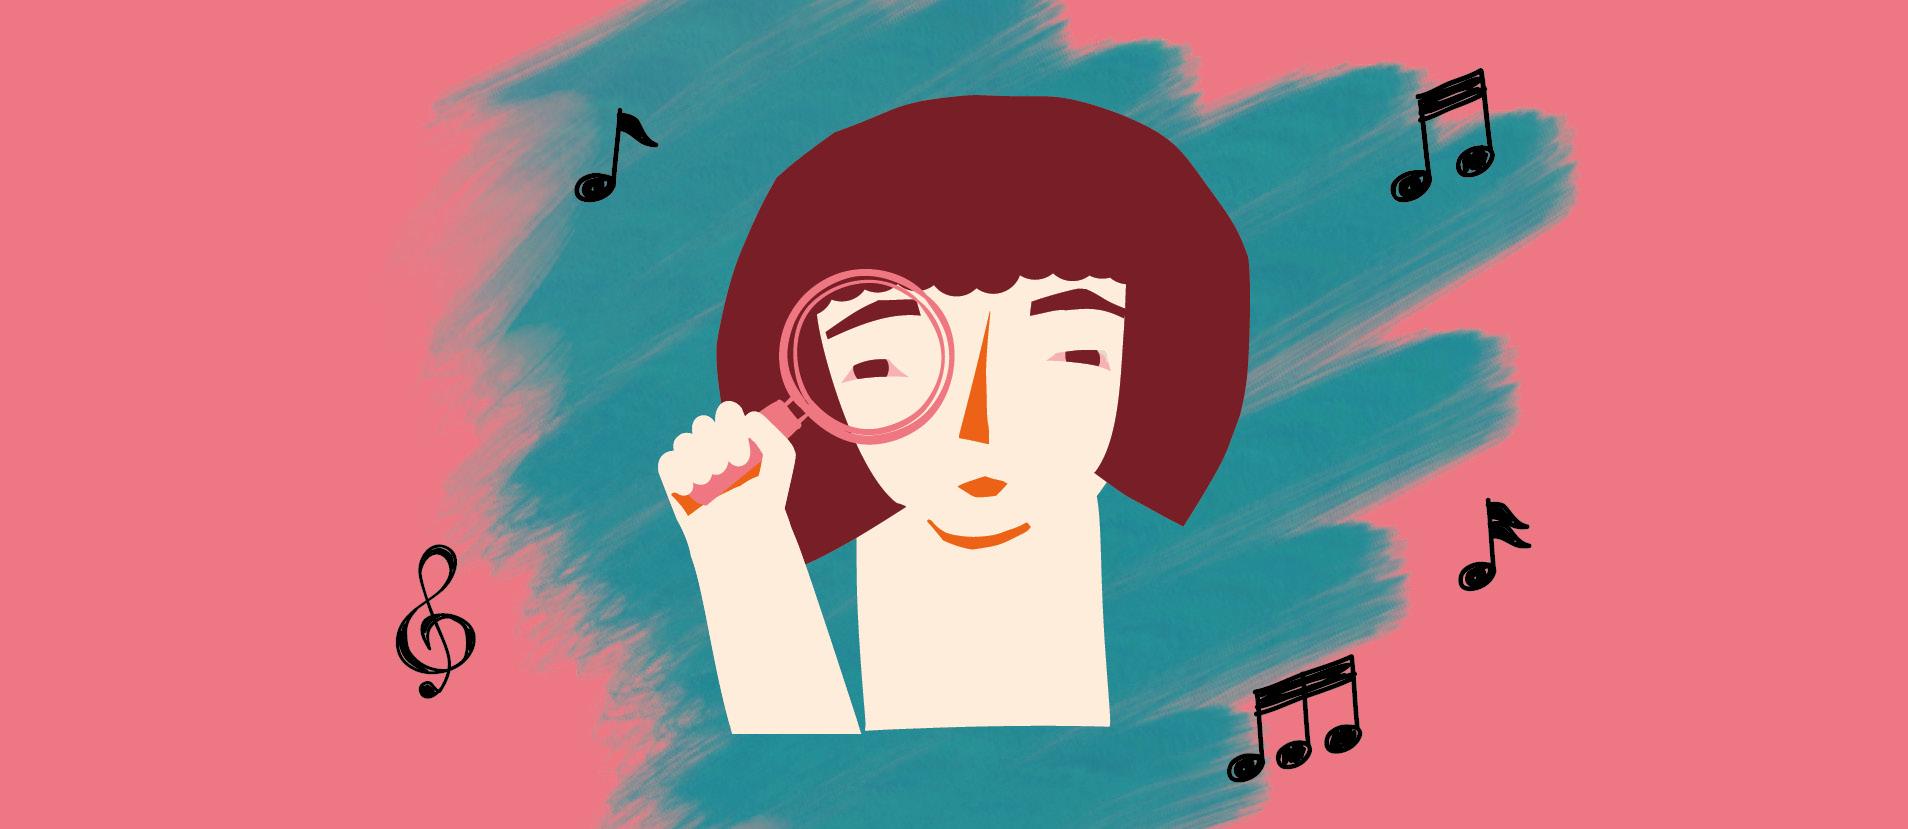 Segredos por todos os lados: confira a playlist do intrínsecos de agosto